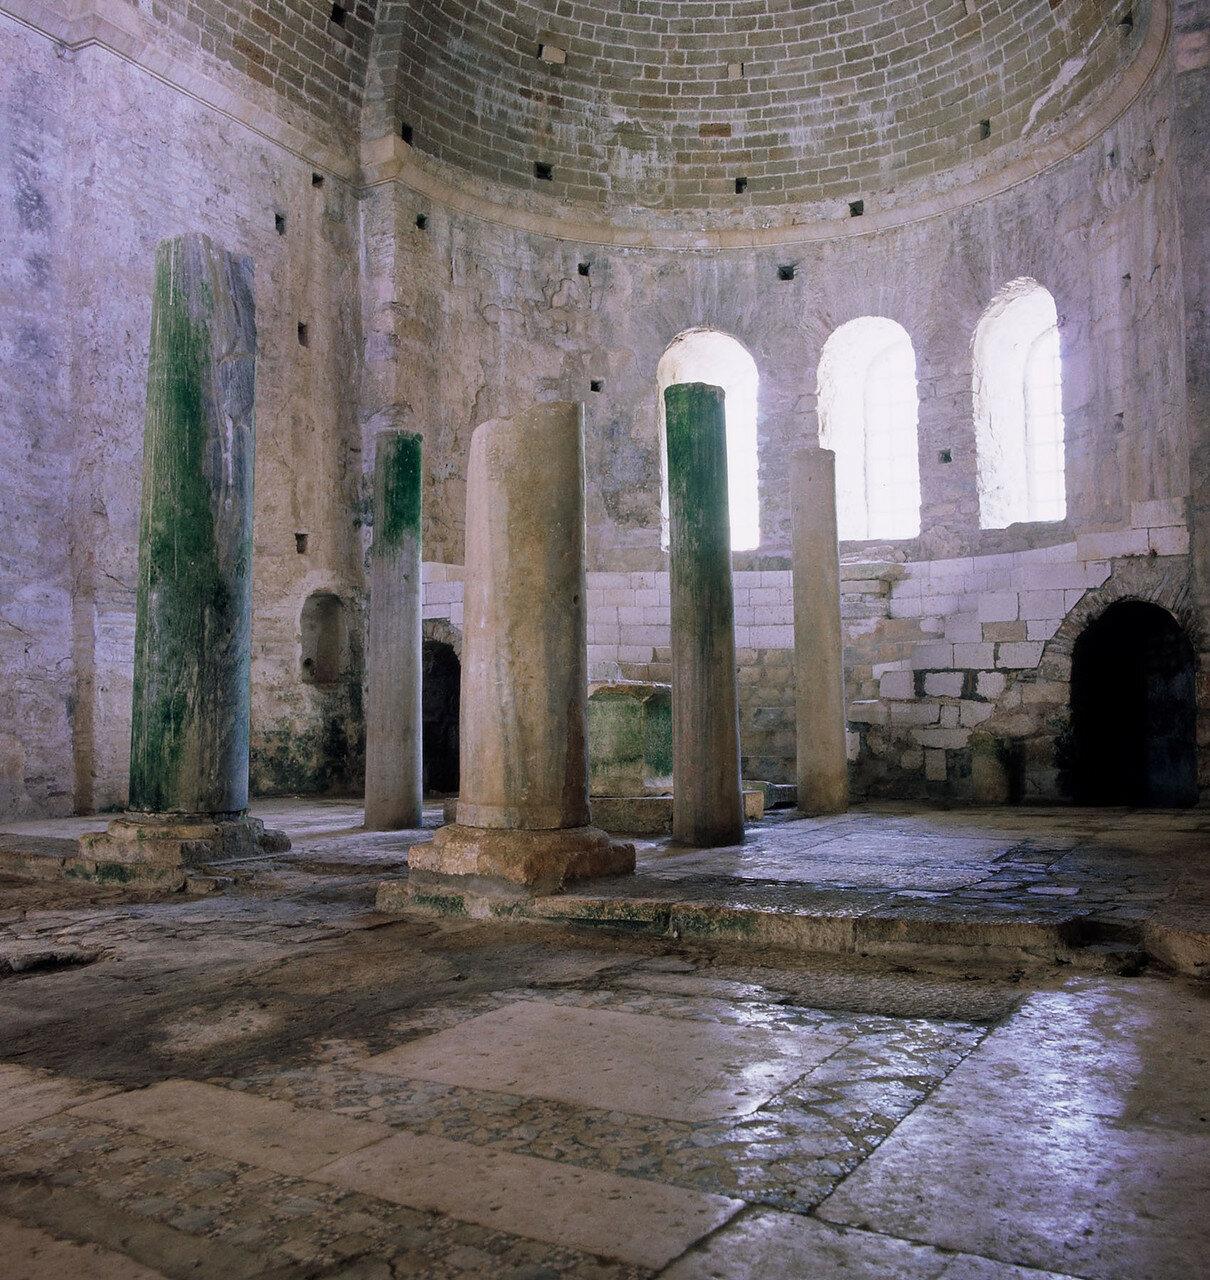 Мира. Церковь Святого Николая. Внутренний вид церкви IV в. н.э.